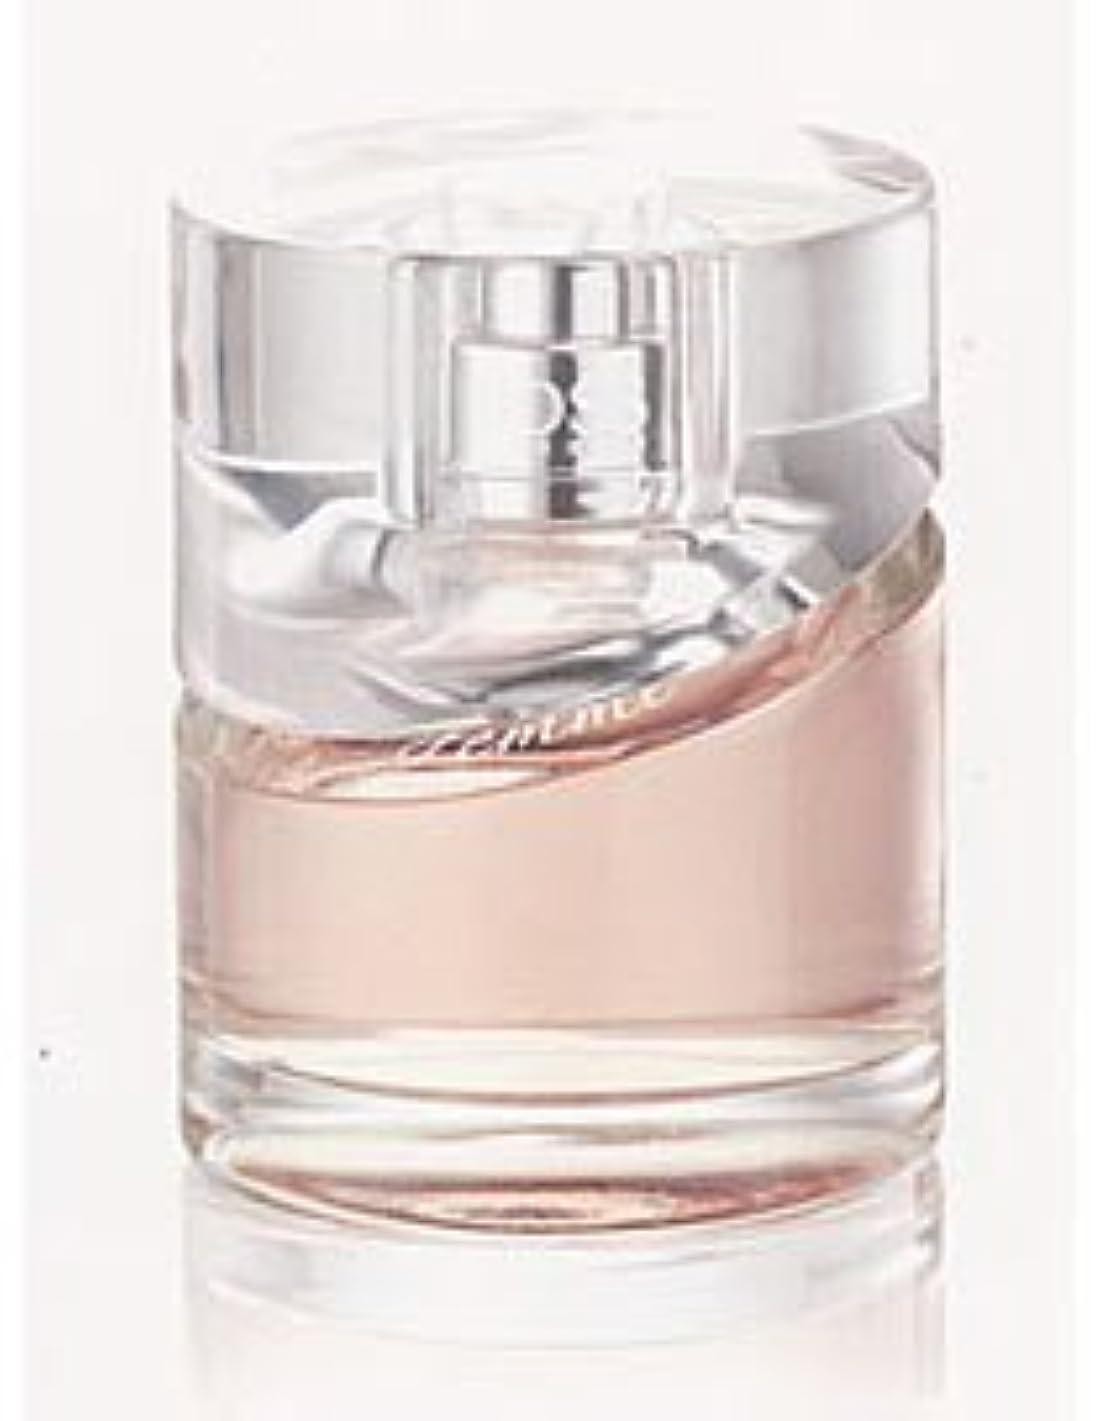 通常髄体操選手[LOreal] Mythic Oil Souffle dOr Sparkling Conditioner (For All Hair Types) 750ml/25.4oz